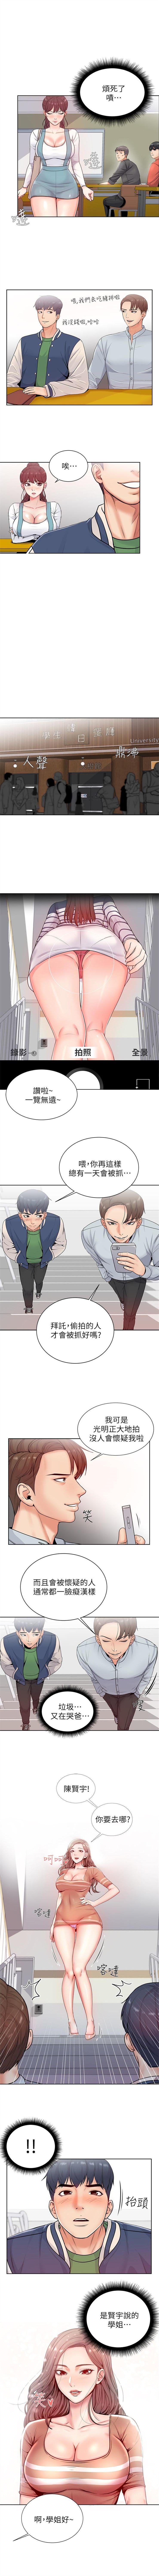 (週3)超市的漂亮姐姐 1-22 中文翻譯(更新中) 12